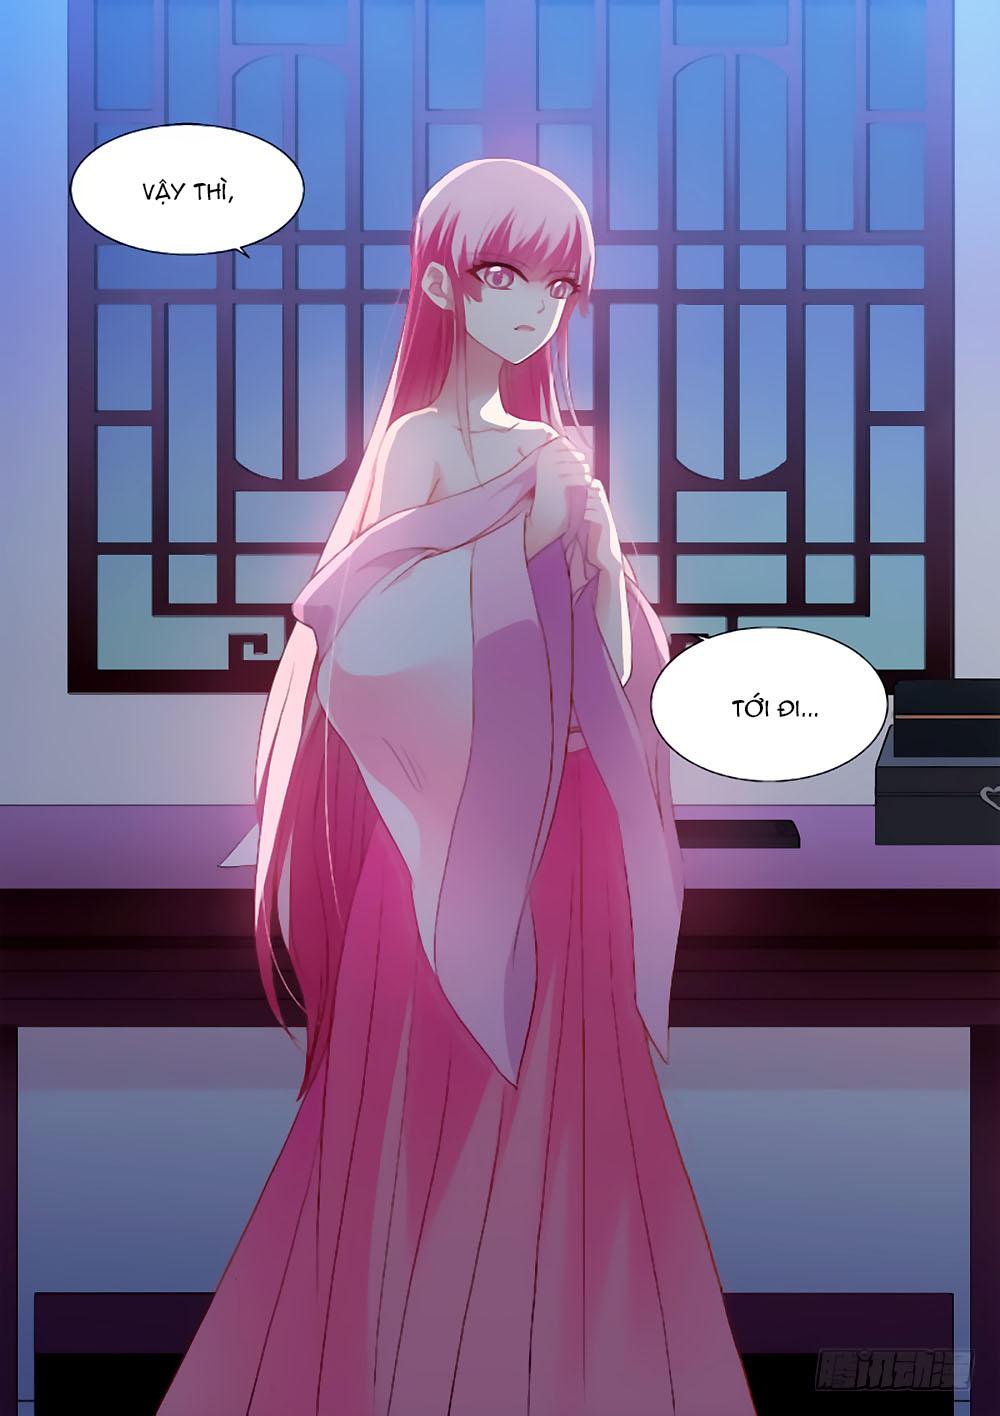 Hệ Thống Chế Tạo Nữ Thần chap 78 - Trang 6